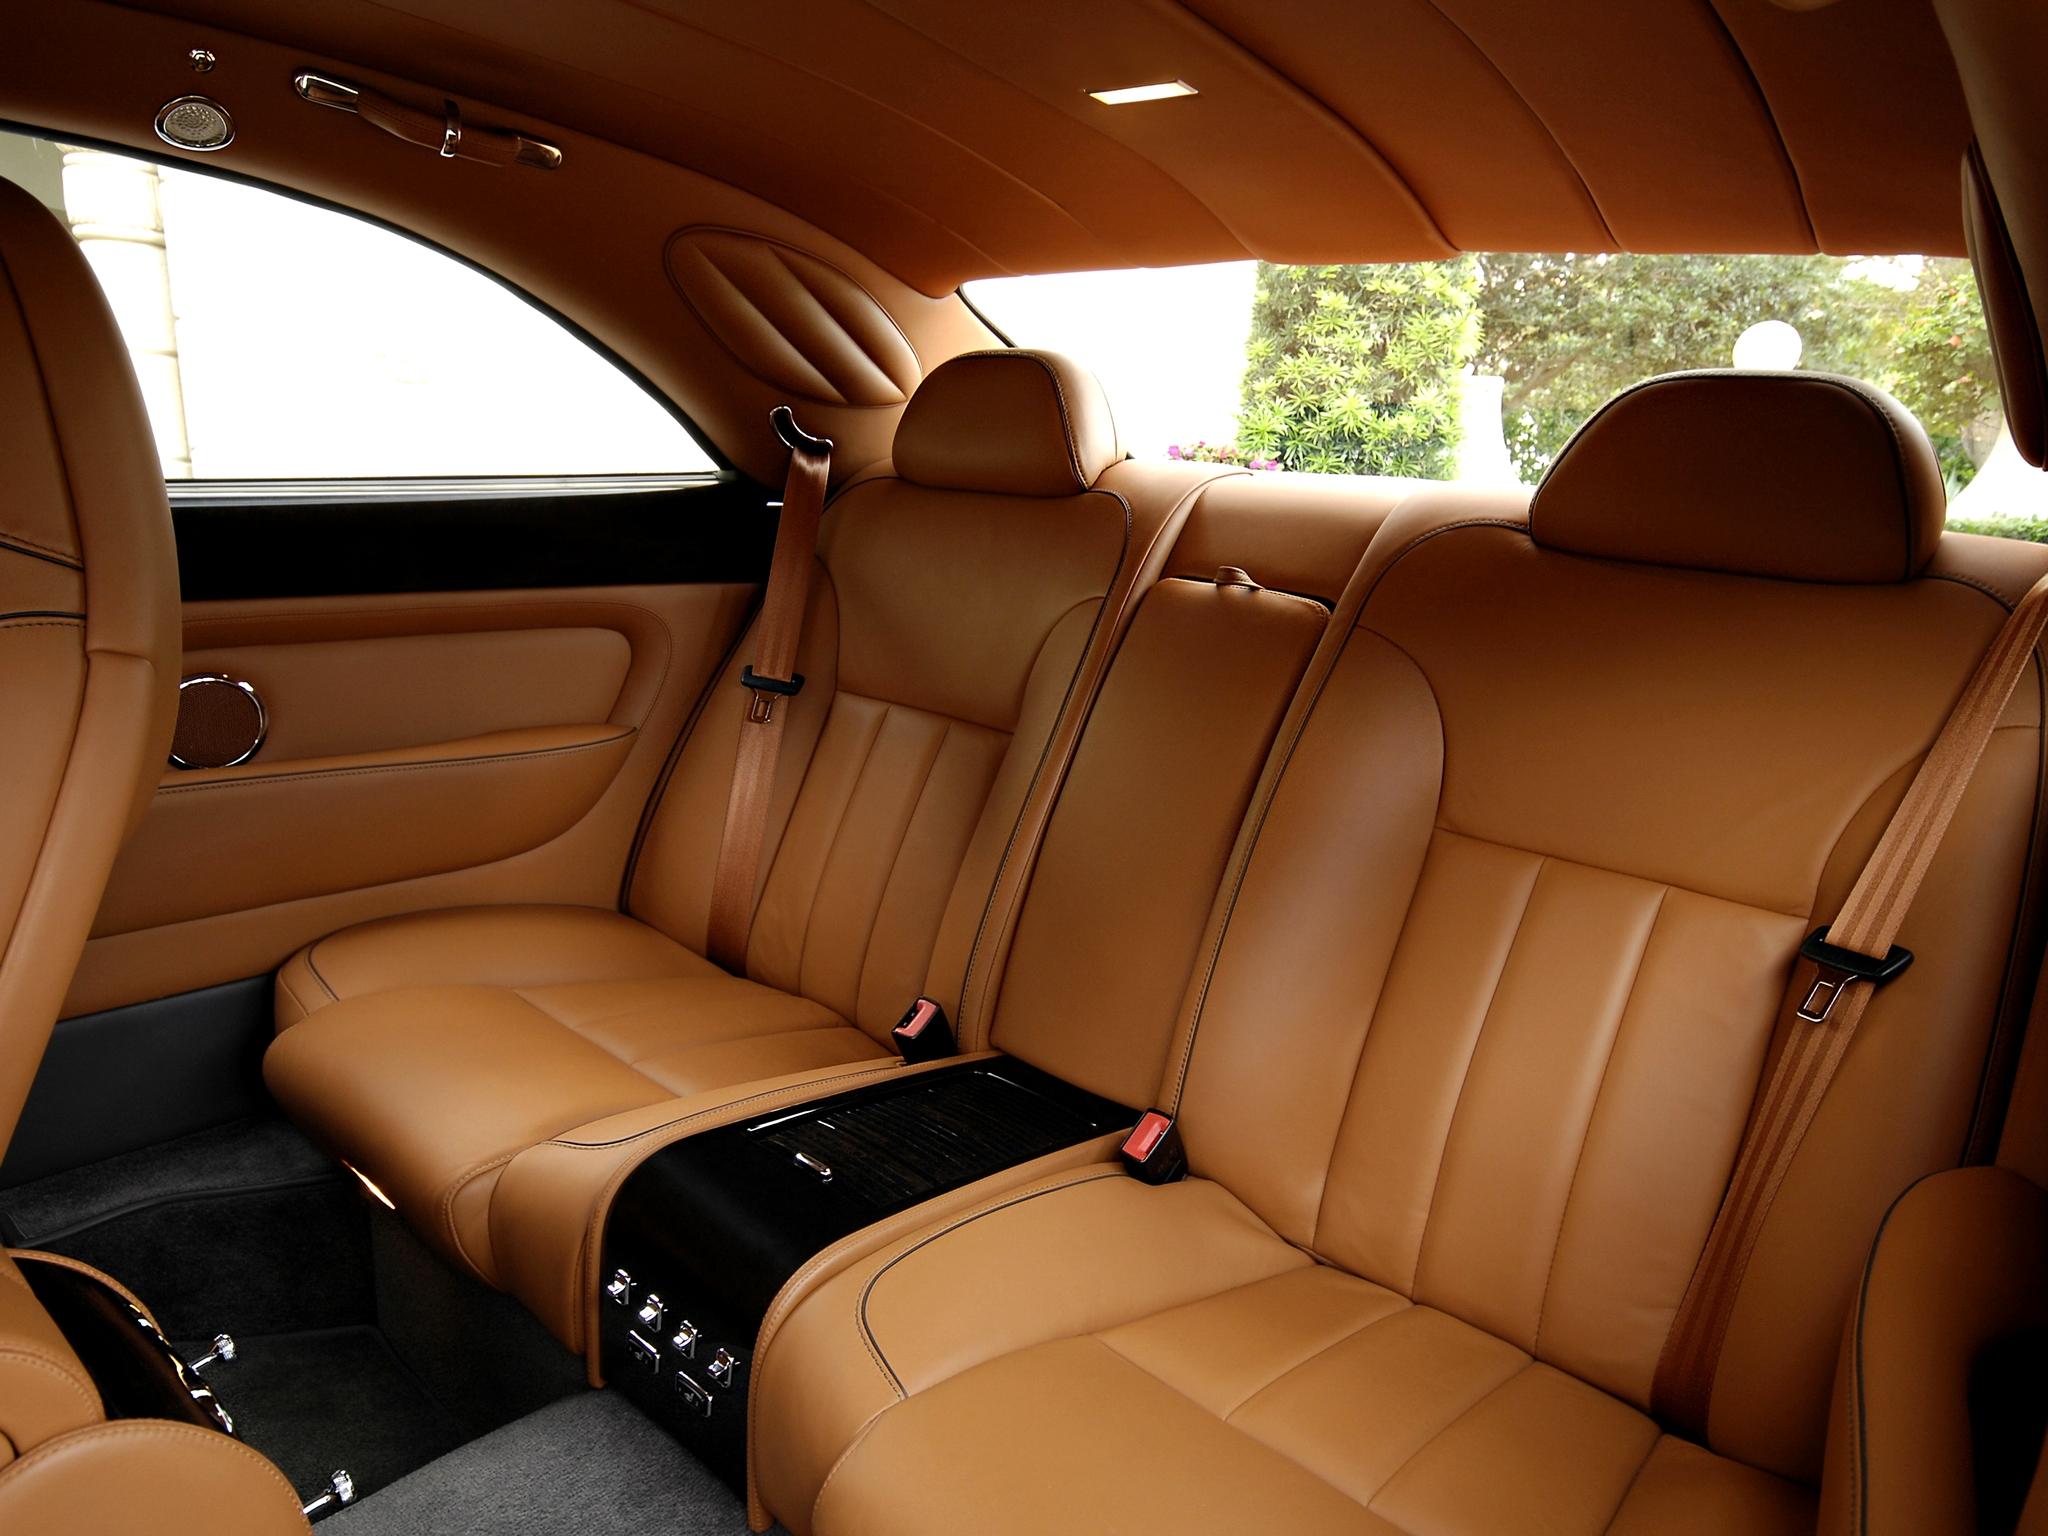 Bentley Brooklands interior trasera